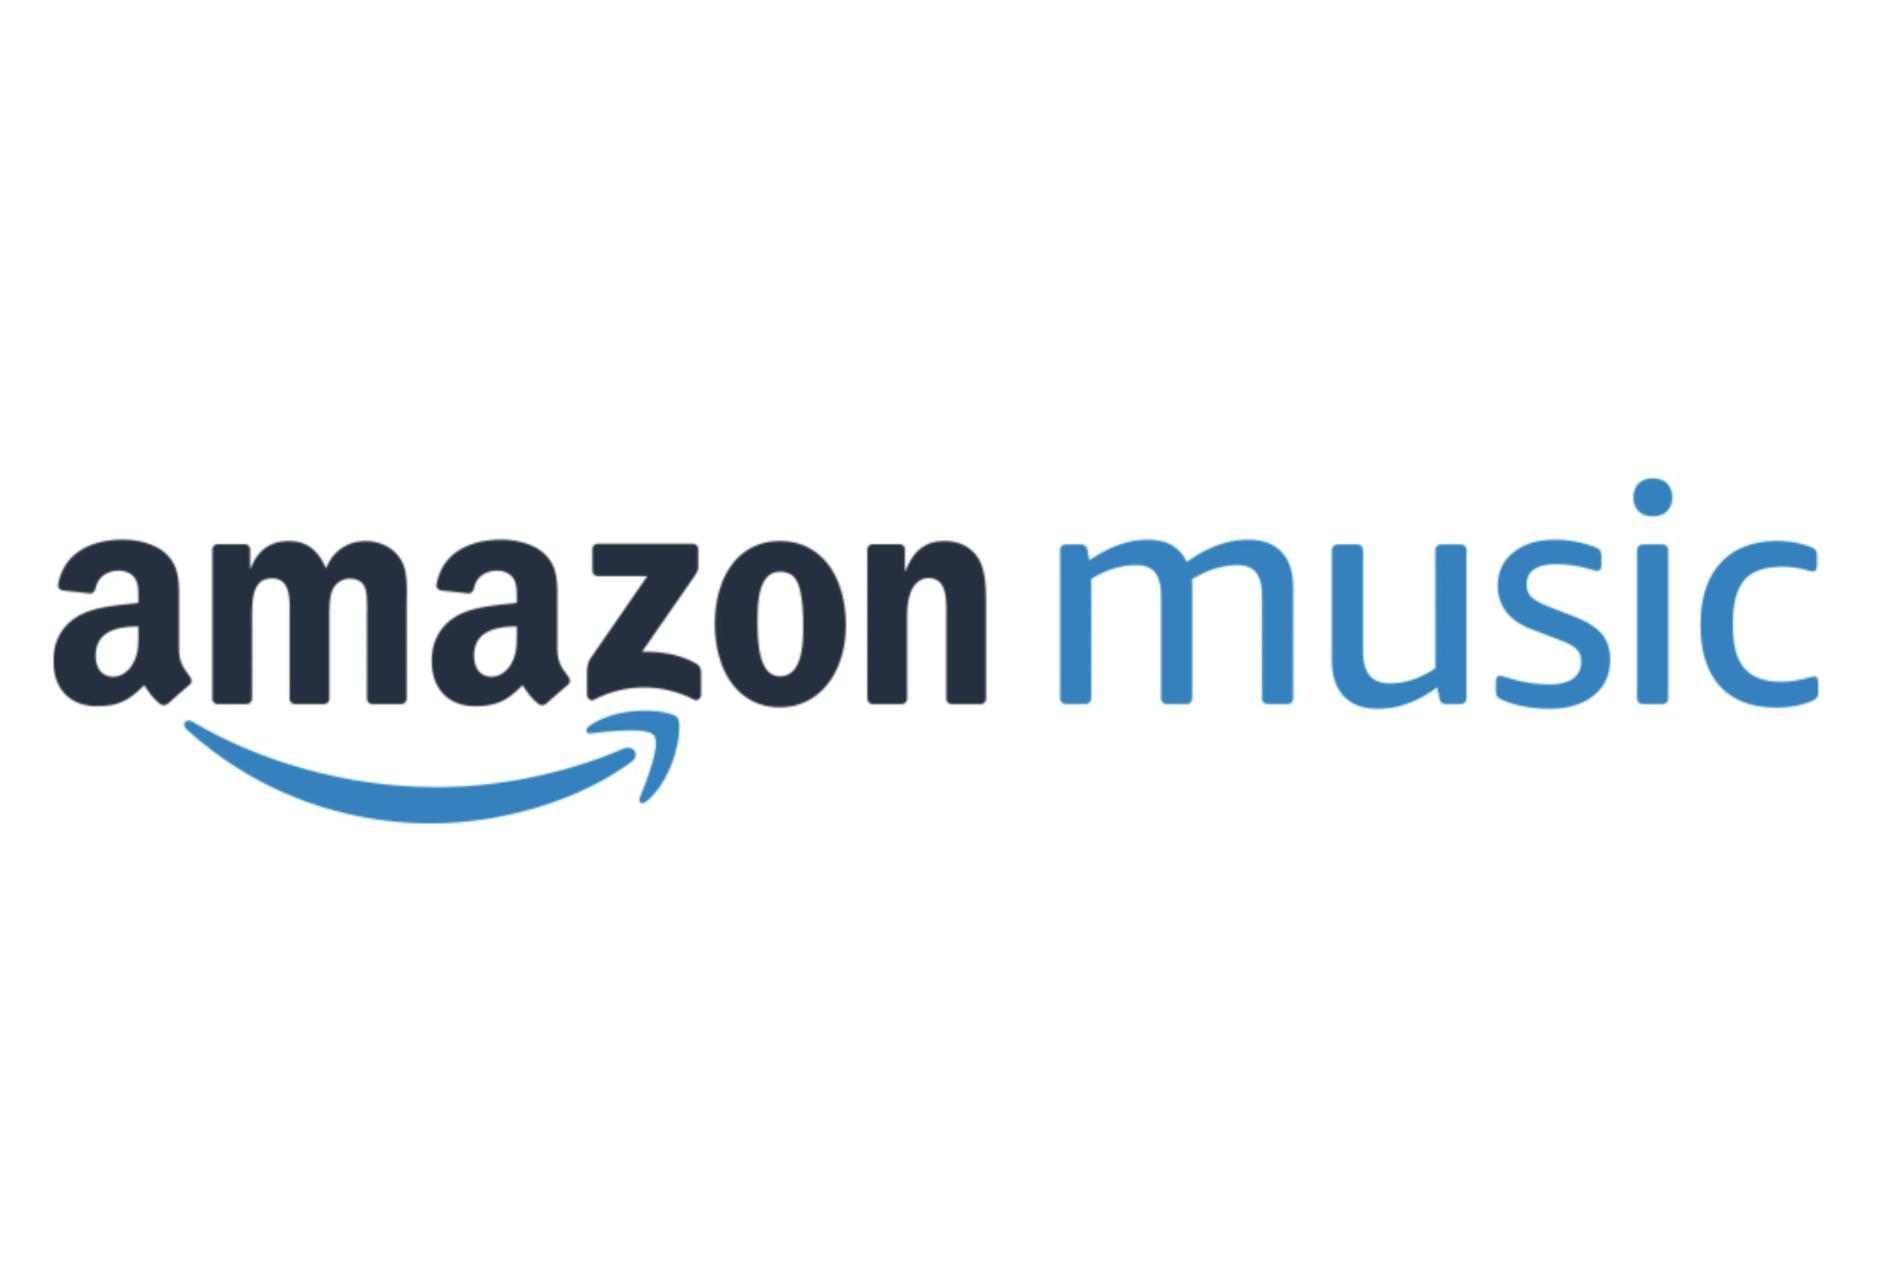 Amazon lance enfin son offre de streaming musical HD en France